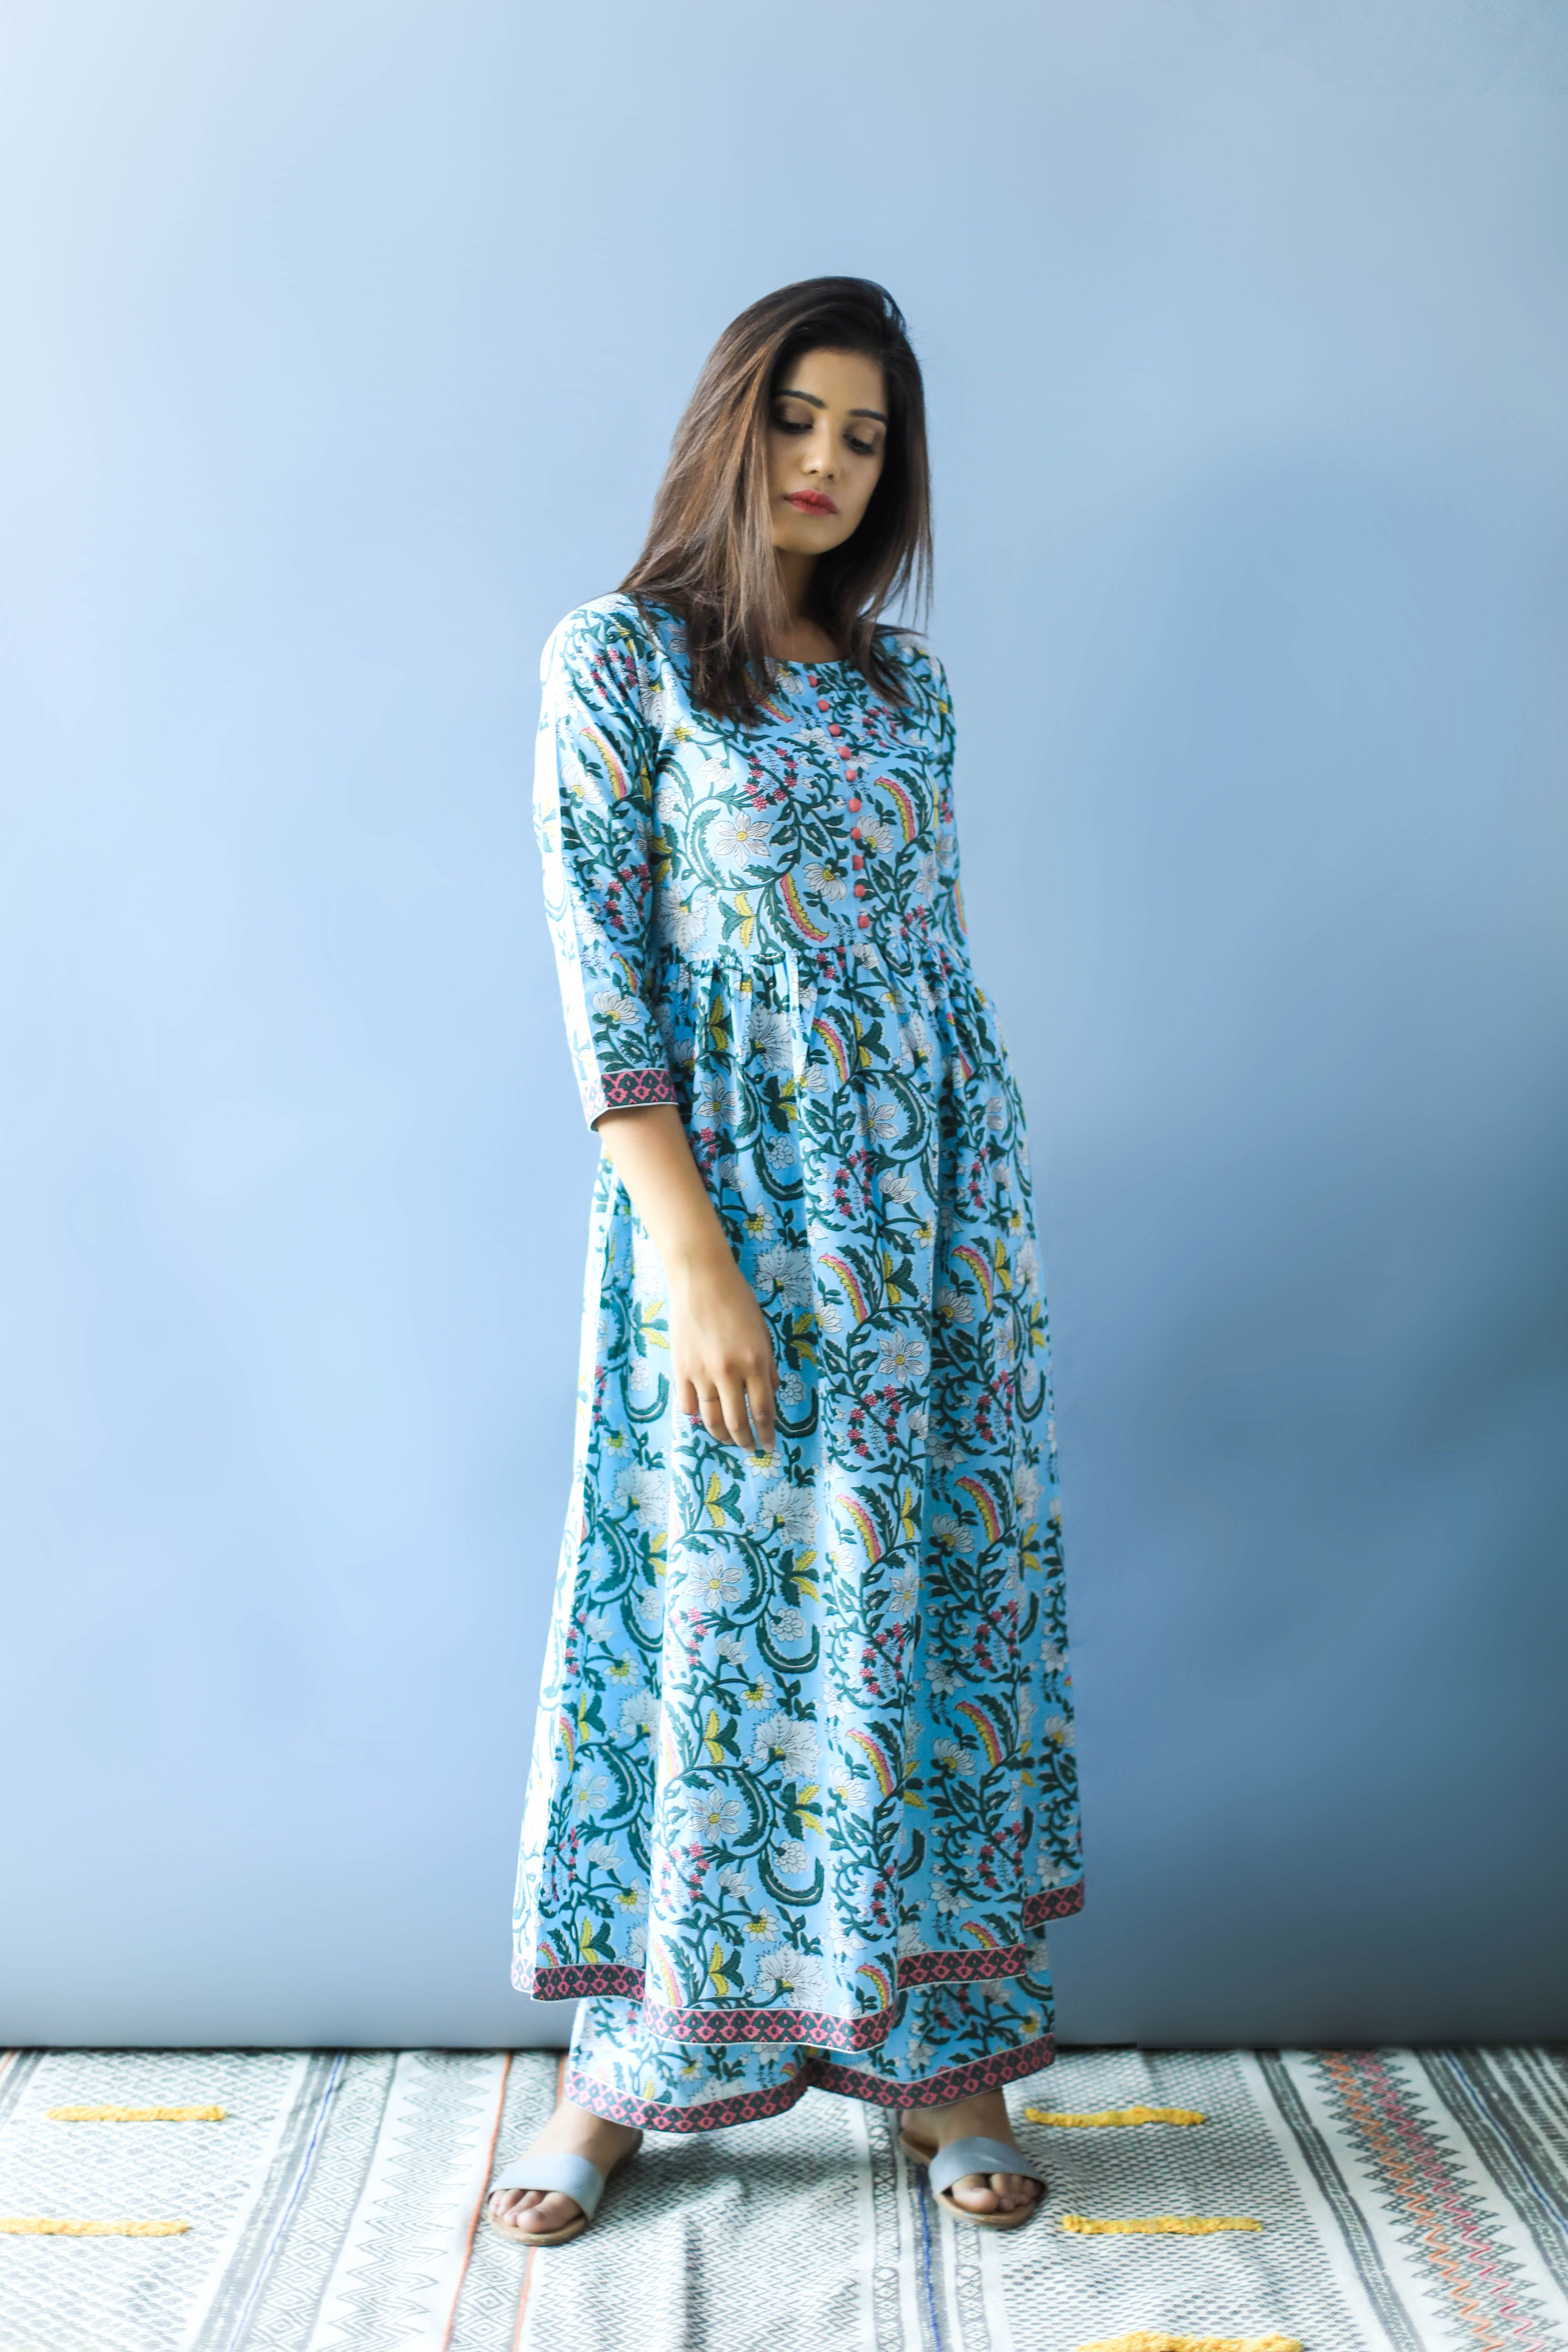 Summer Long Dress Block Print Kurti Set Casual Summer Dresses Summer Dresses Evening Outfits [ 6720 x 4480 Pixel ]